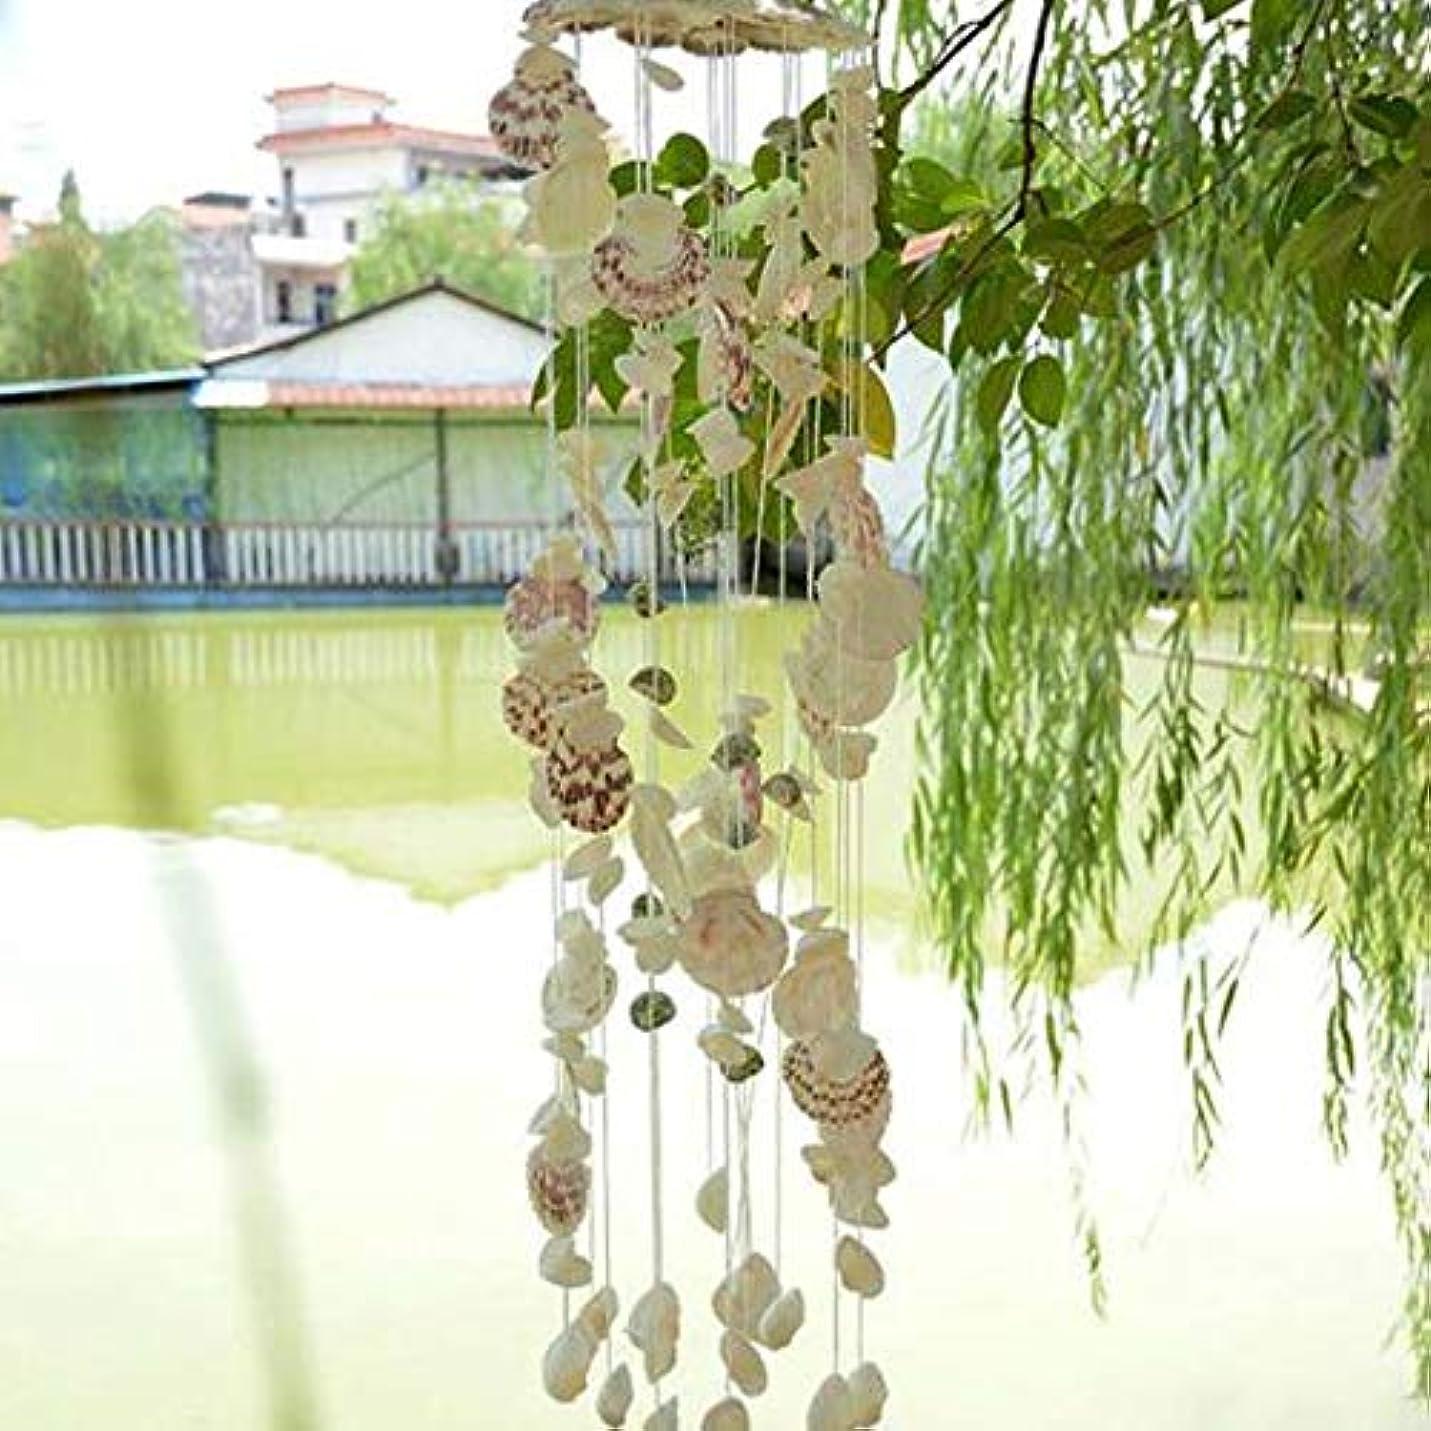 率直な渇き頻繁にQiyuezhuangshi 風チャイム、かわいい手作りのクリエイティブシェル風の鐘、斑入り、全長約95CM,美しいホリデーギフト (Color : White)